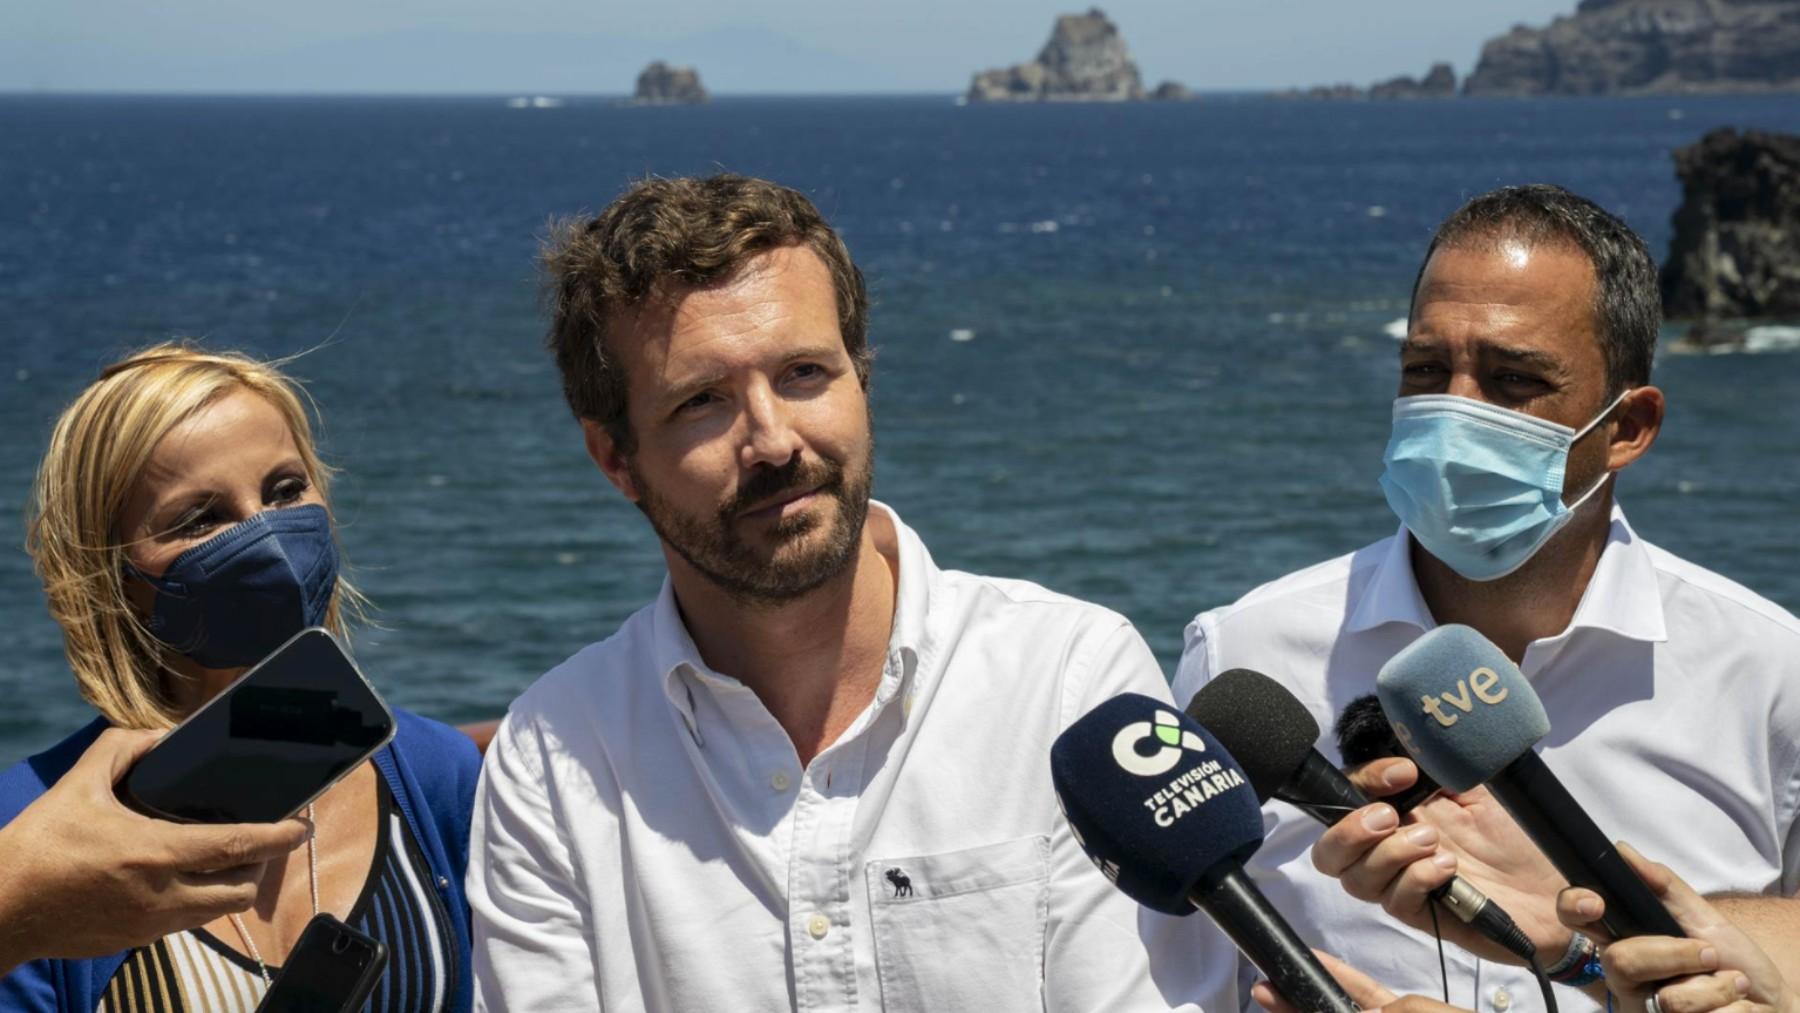 El presidente del PP, Pablo Casado, durante una visita a la isla de El Hierro (Canarias).